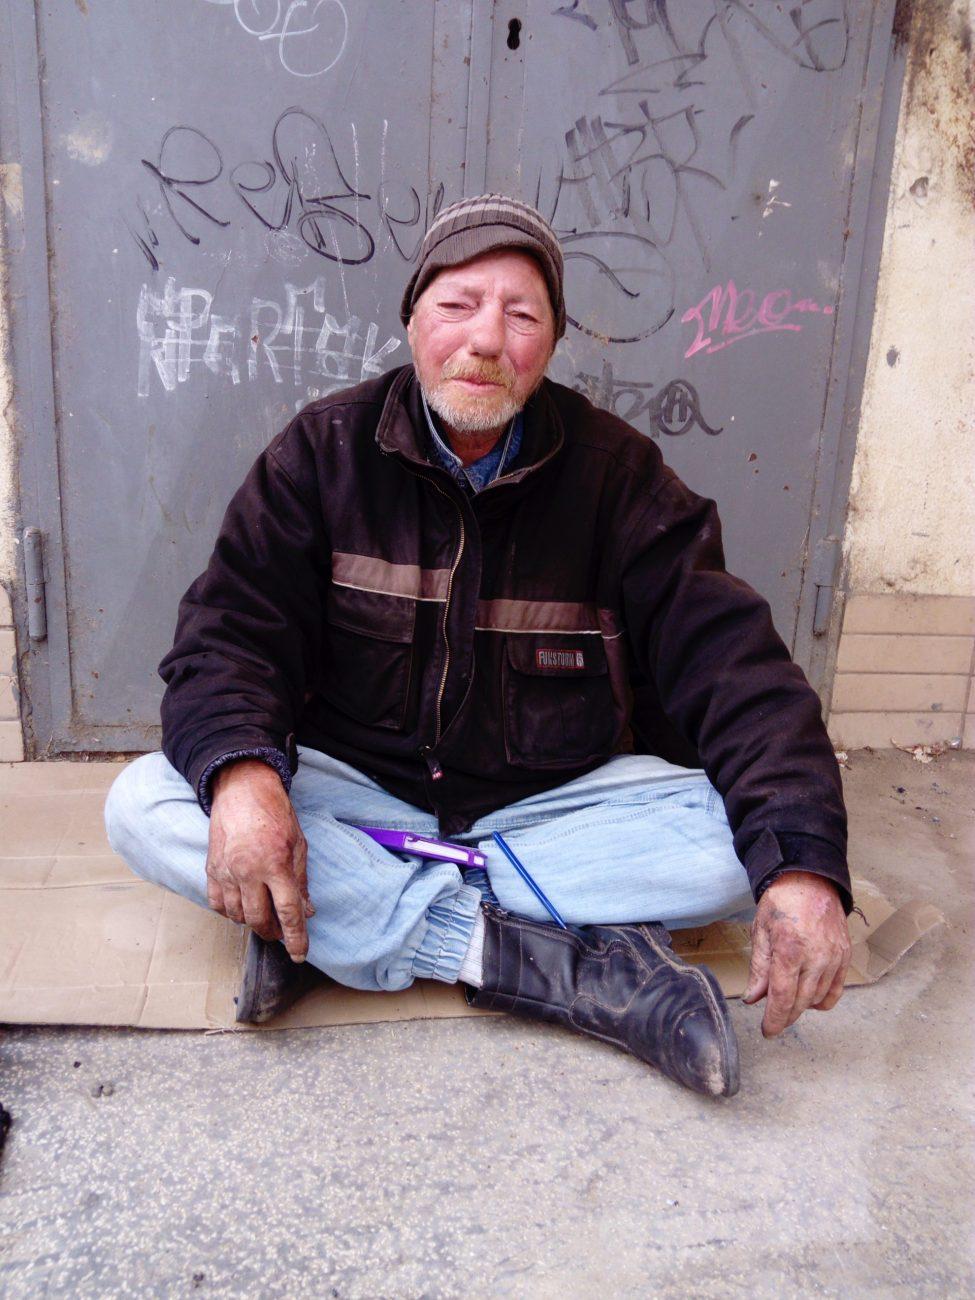 Cudzinci na ulici